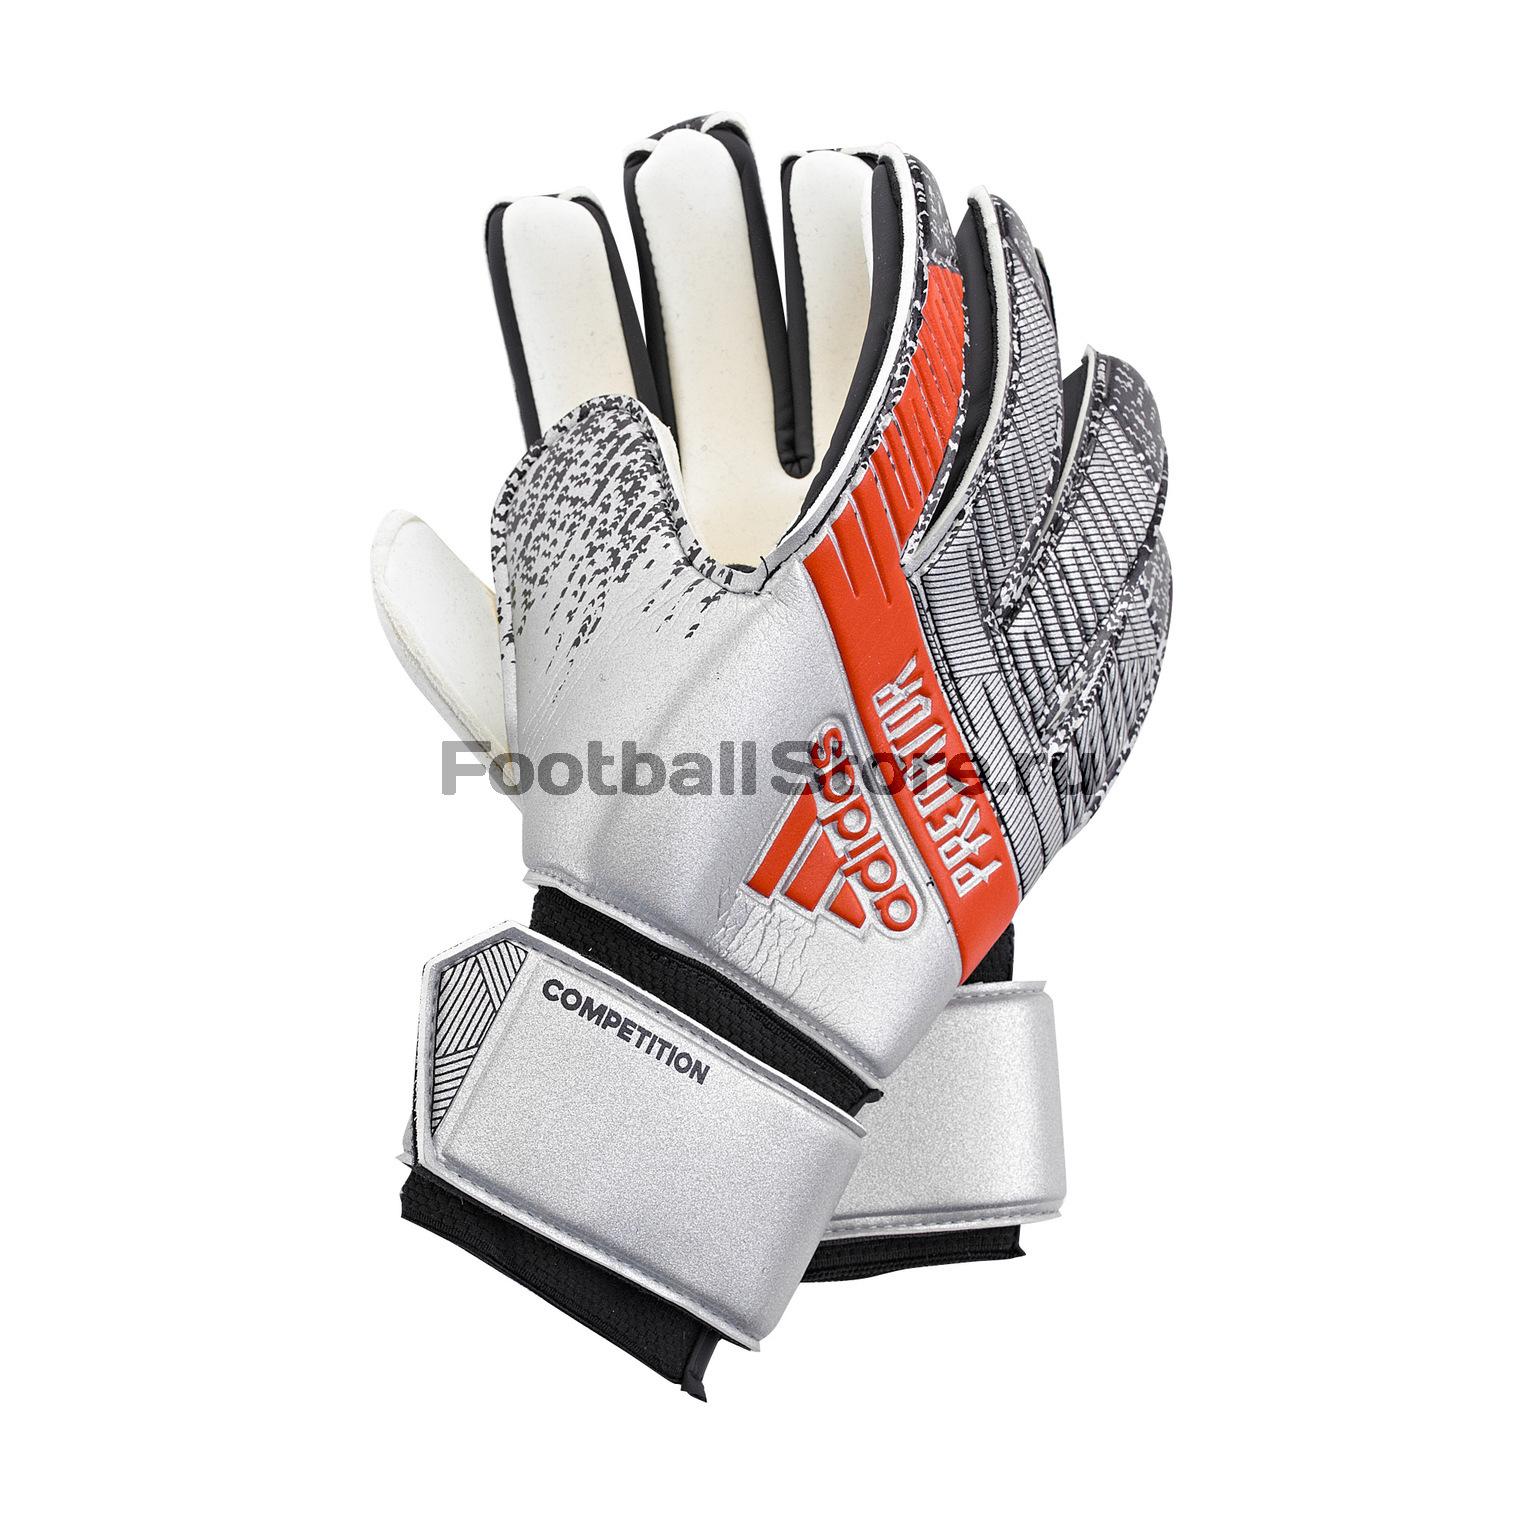 купить Перчатки вратарские Adidas Predator Competition DY2603 недорого